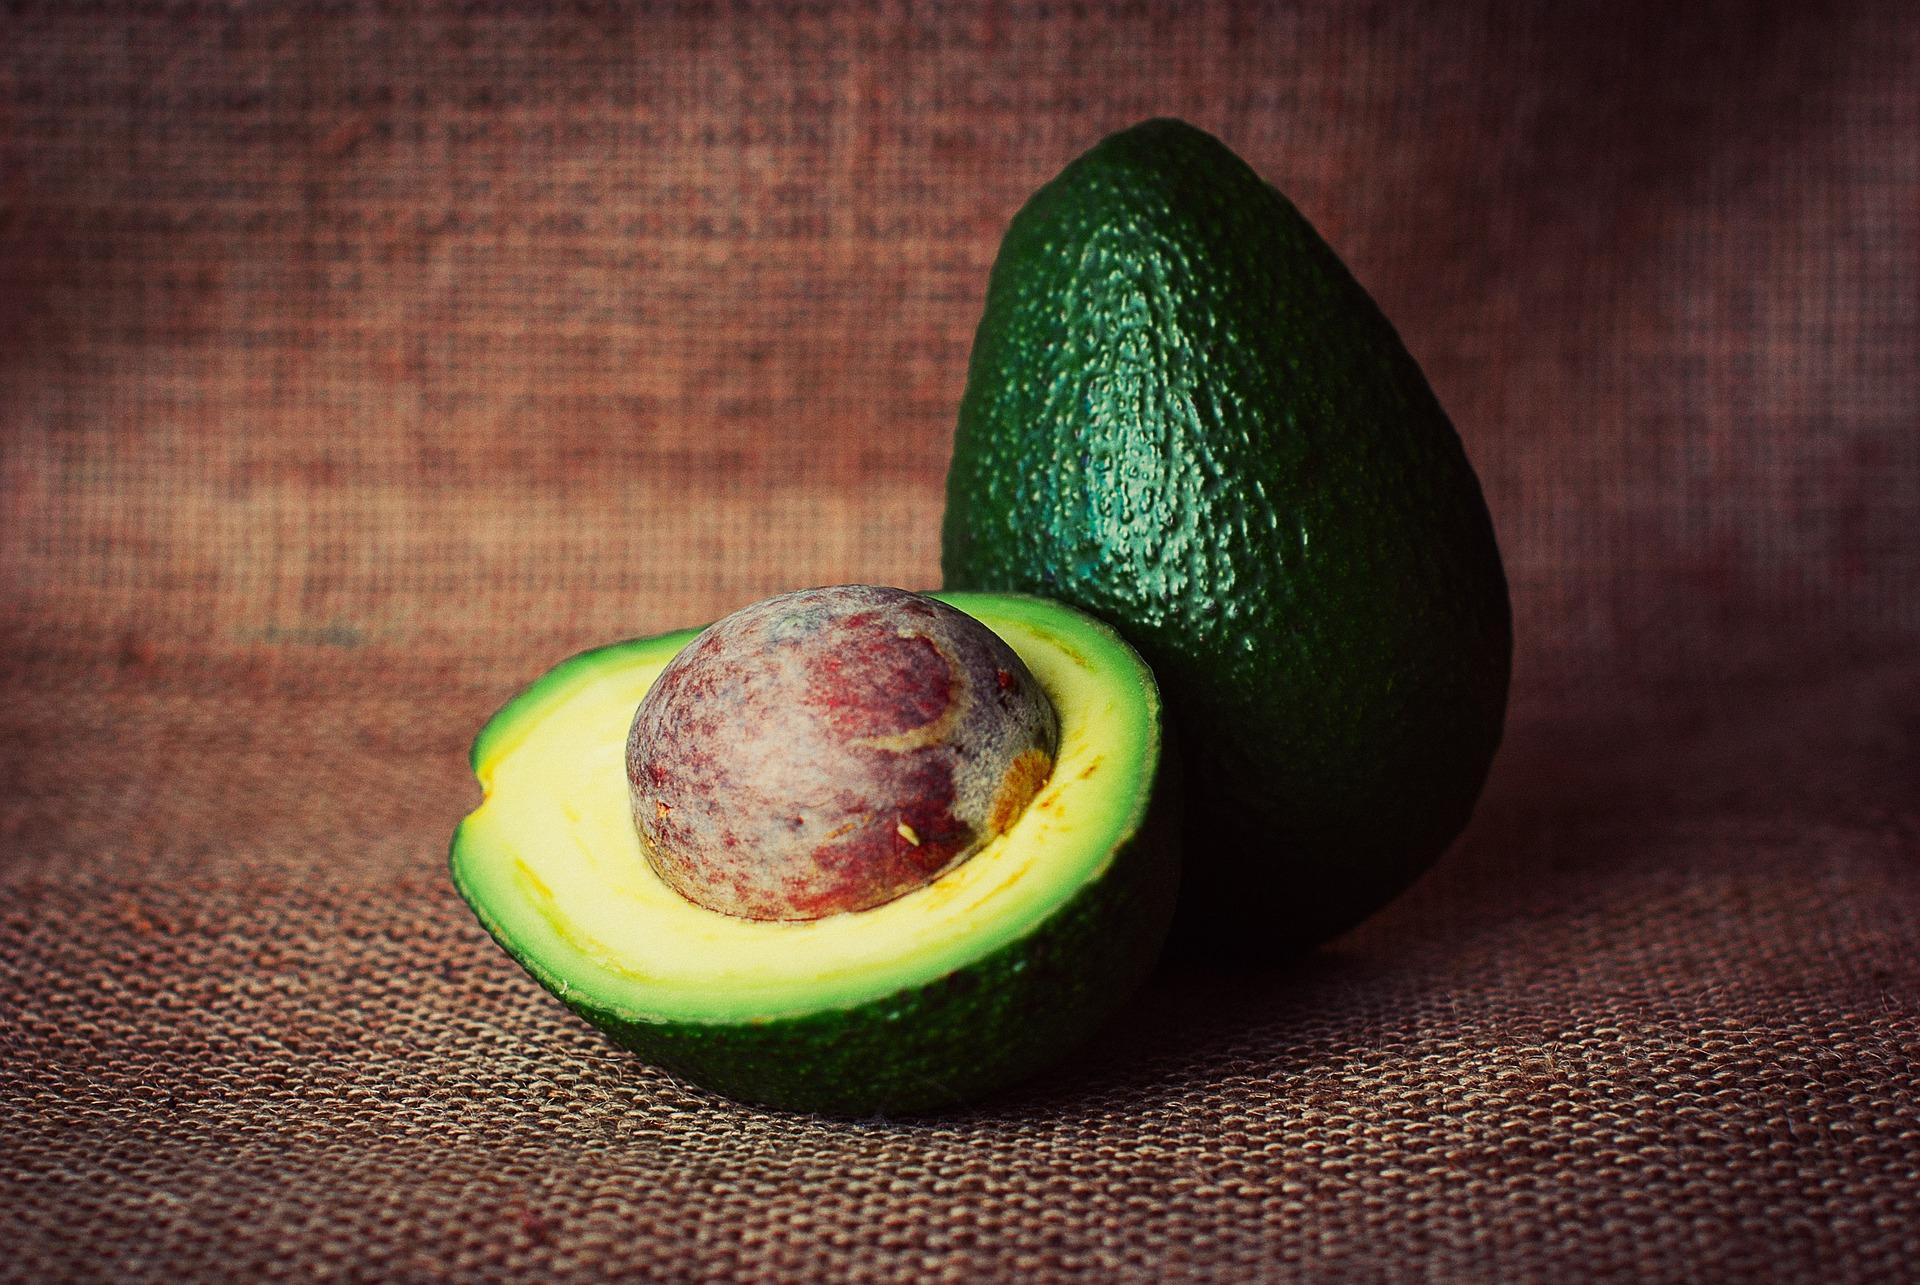 Avocado good for diabetics